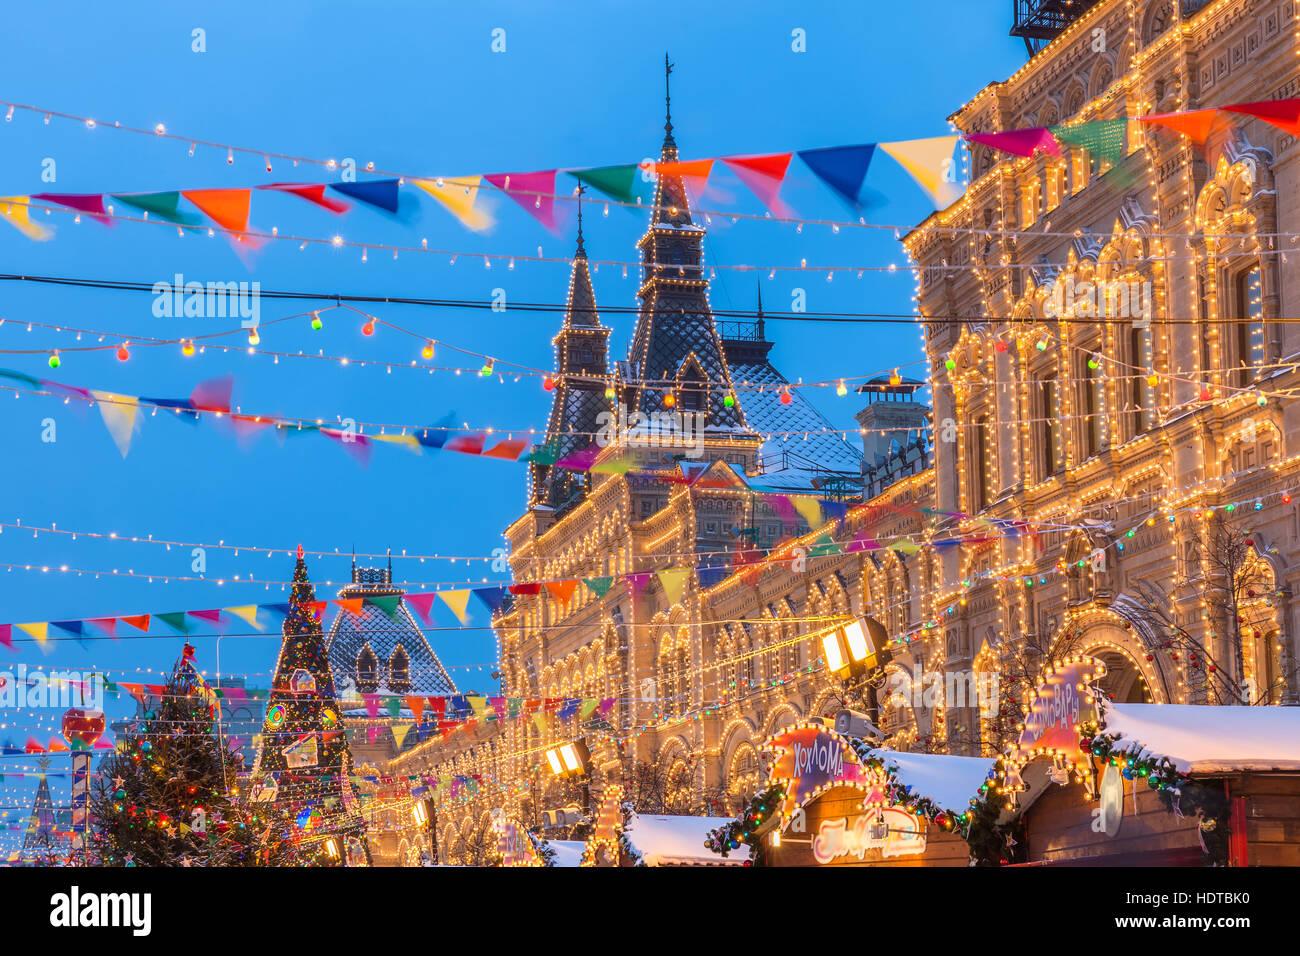 Vista del atardecer el mercado navideño en la Plaza Roja de Moscú, Rusia Imagen De Stock